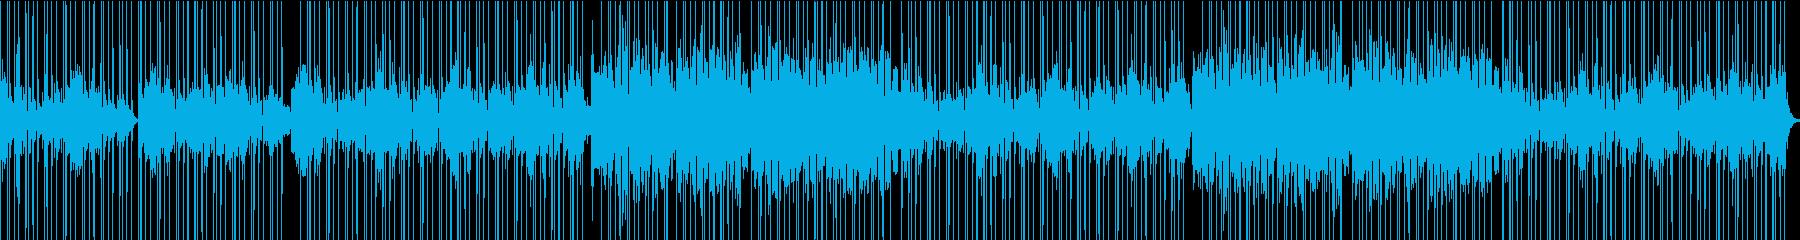 ヒップホップにインスパイアされたイ...の再生済みの波形